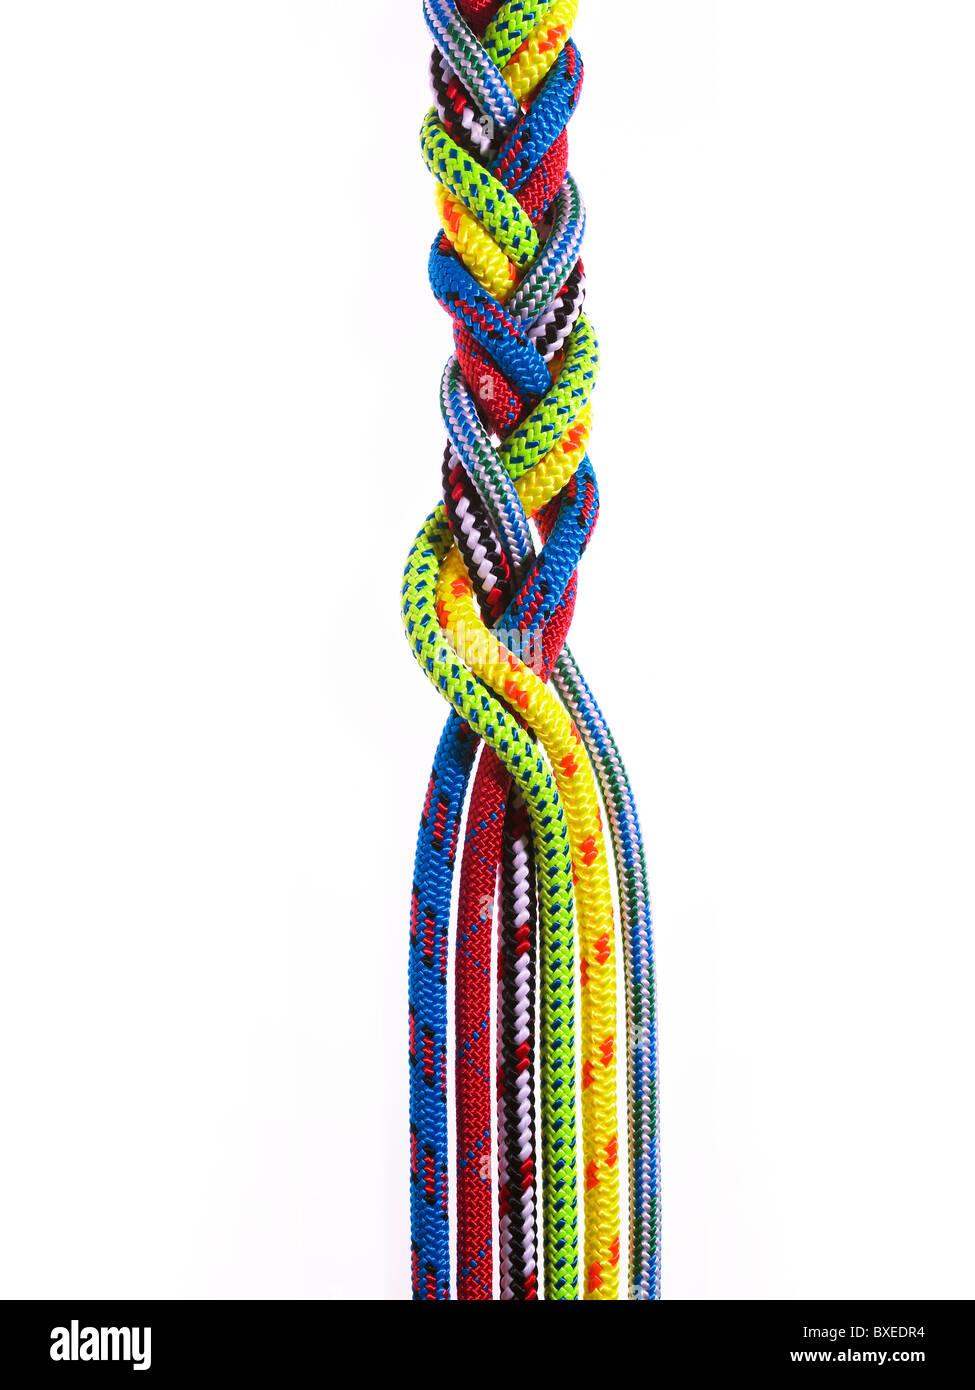 Treccia di corda colorato Immagini Stock